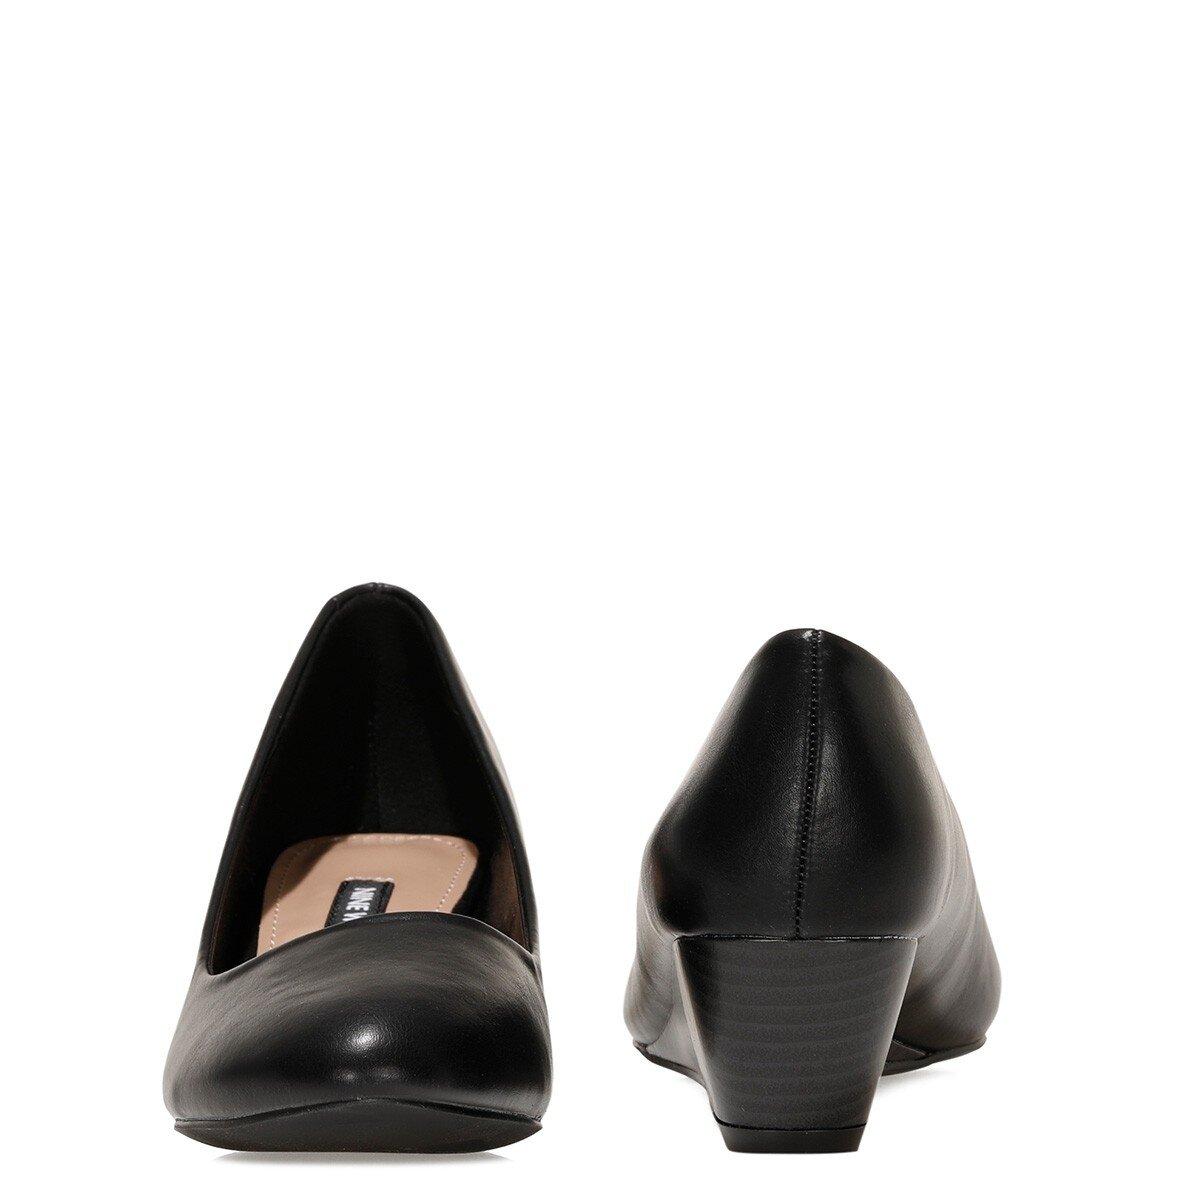 LICLA2 1FX Siyah Kadın Dolgu Topuklu Ayakkabı